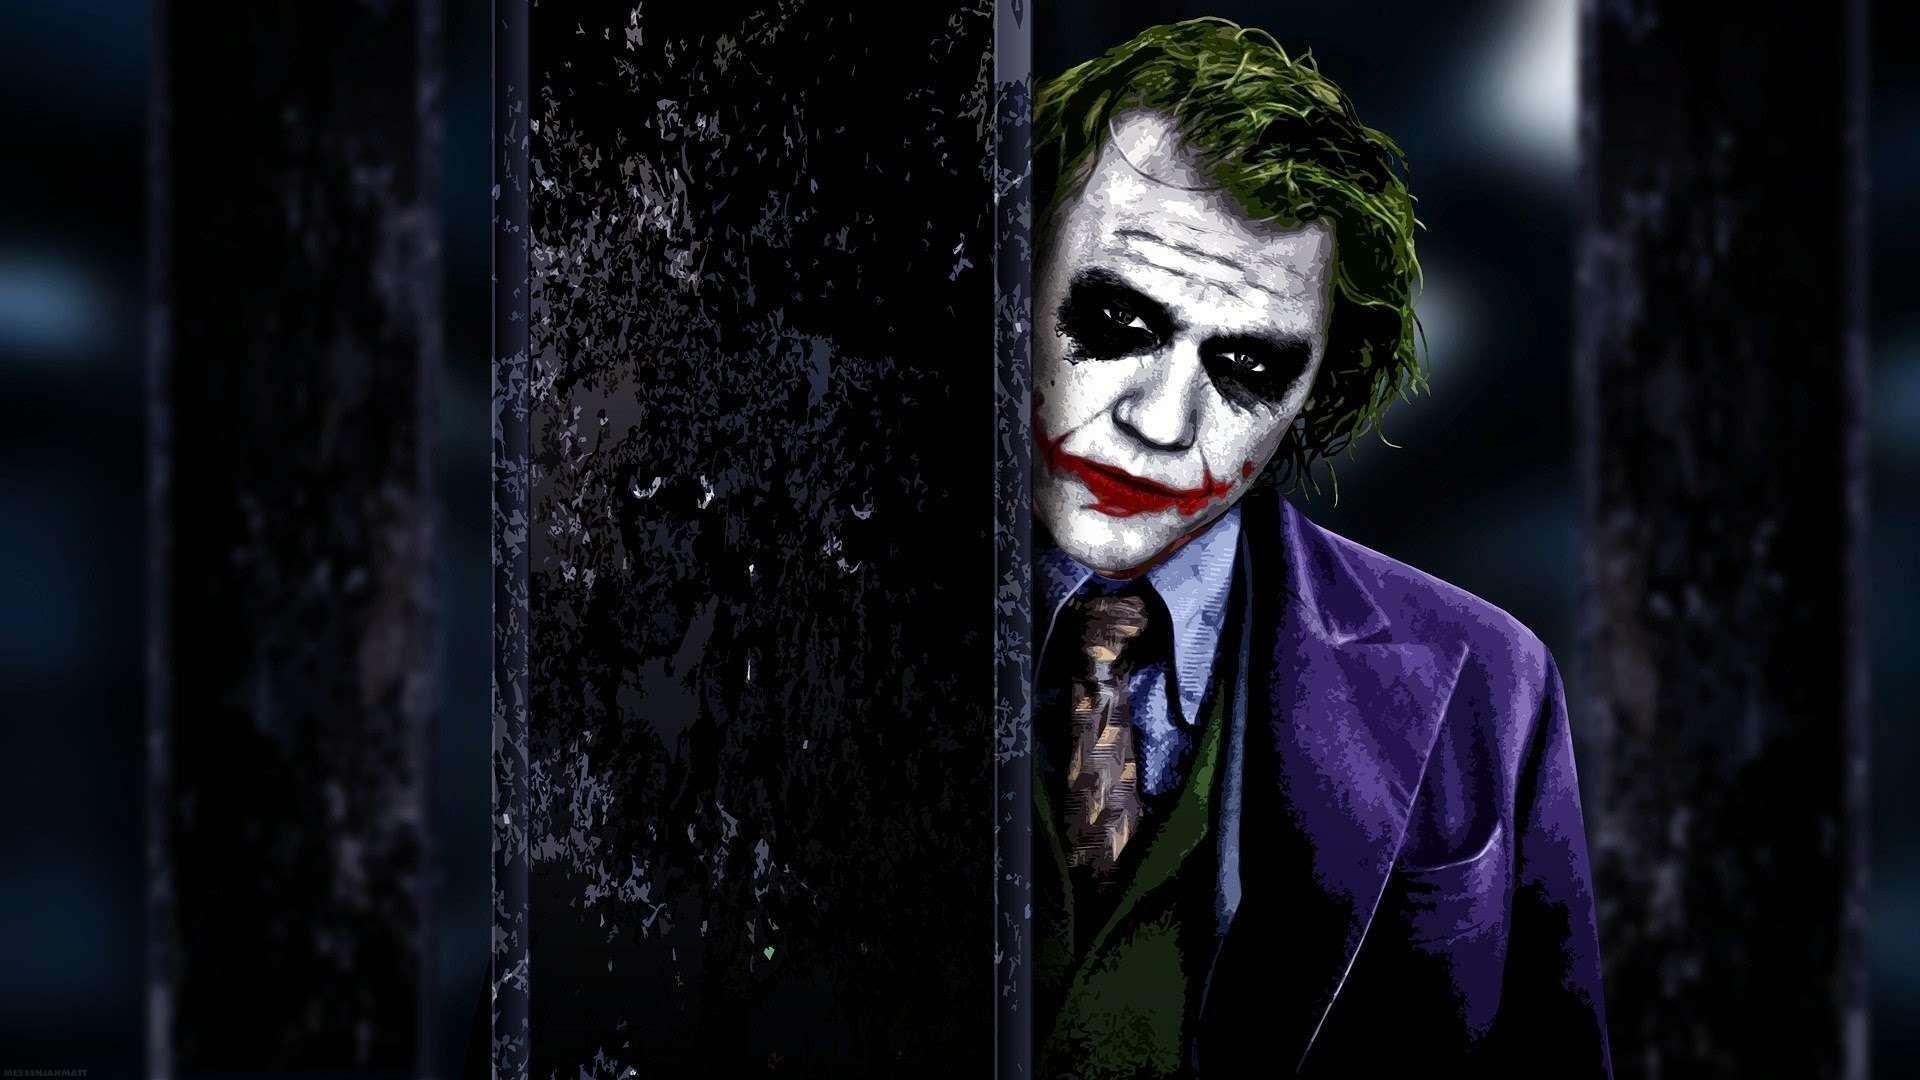 The Joker HD Wallpaper 67 Images